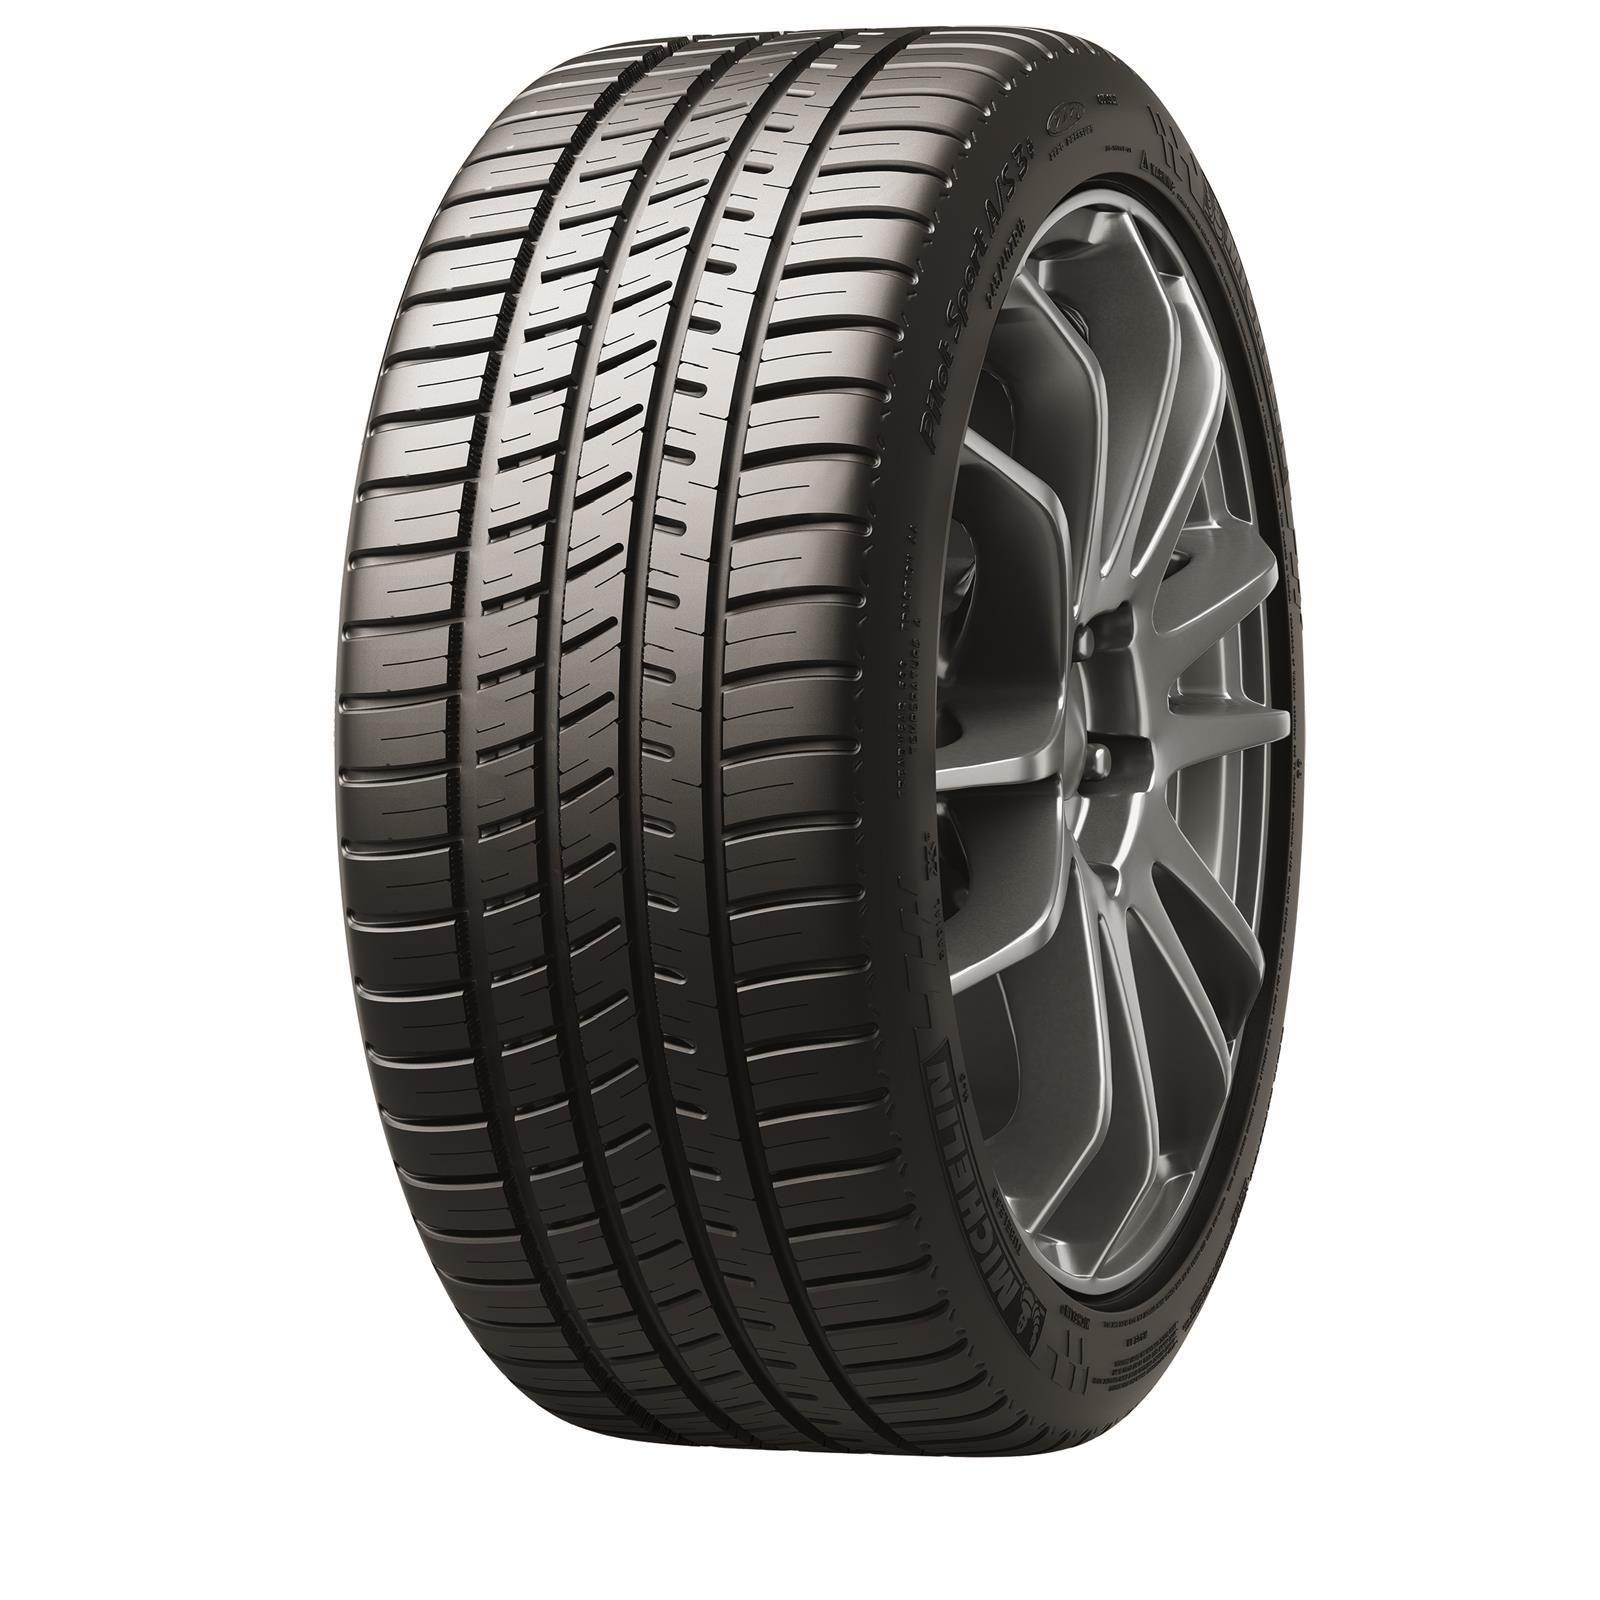 Michelin Pilot Sport A S Plus Tires 295 35 20